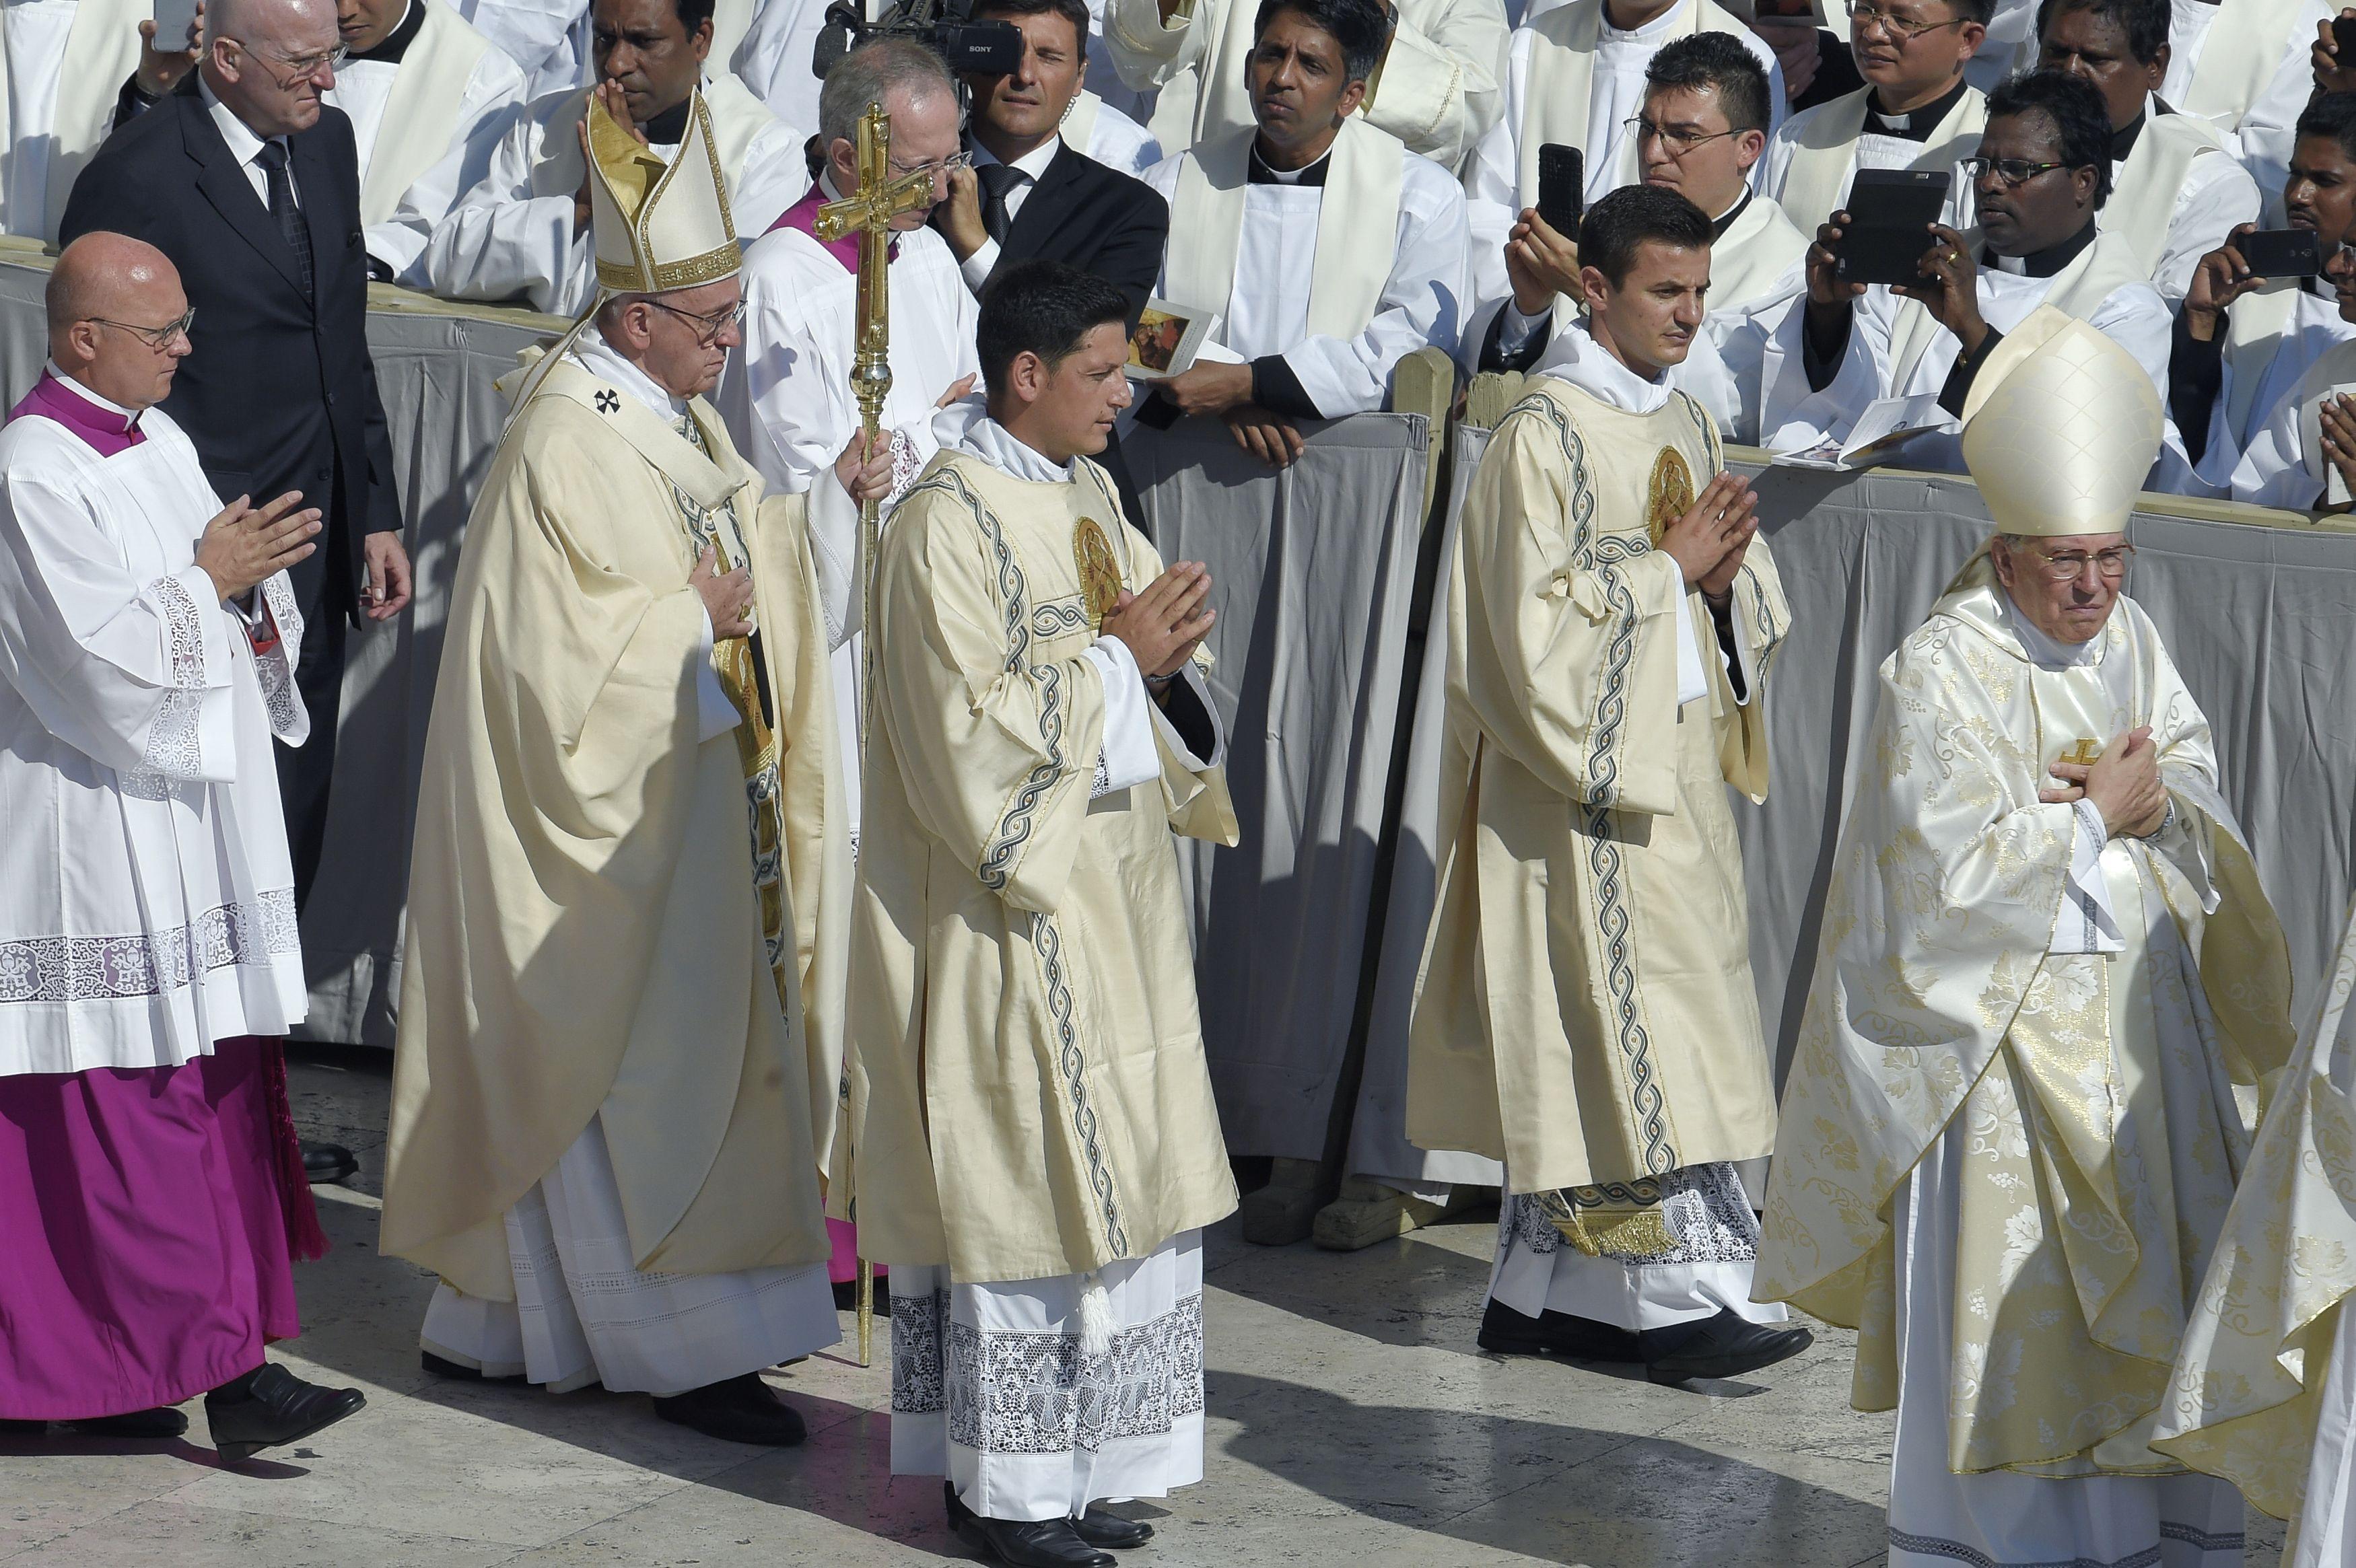 El papa Francisco canonizó a la inolvidable Santa Teresa de Calcuta